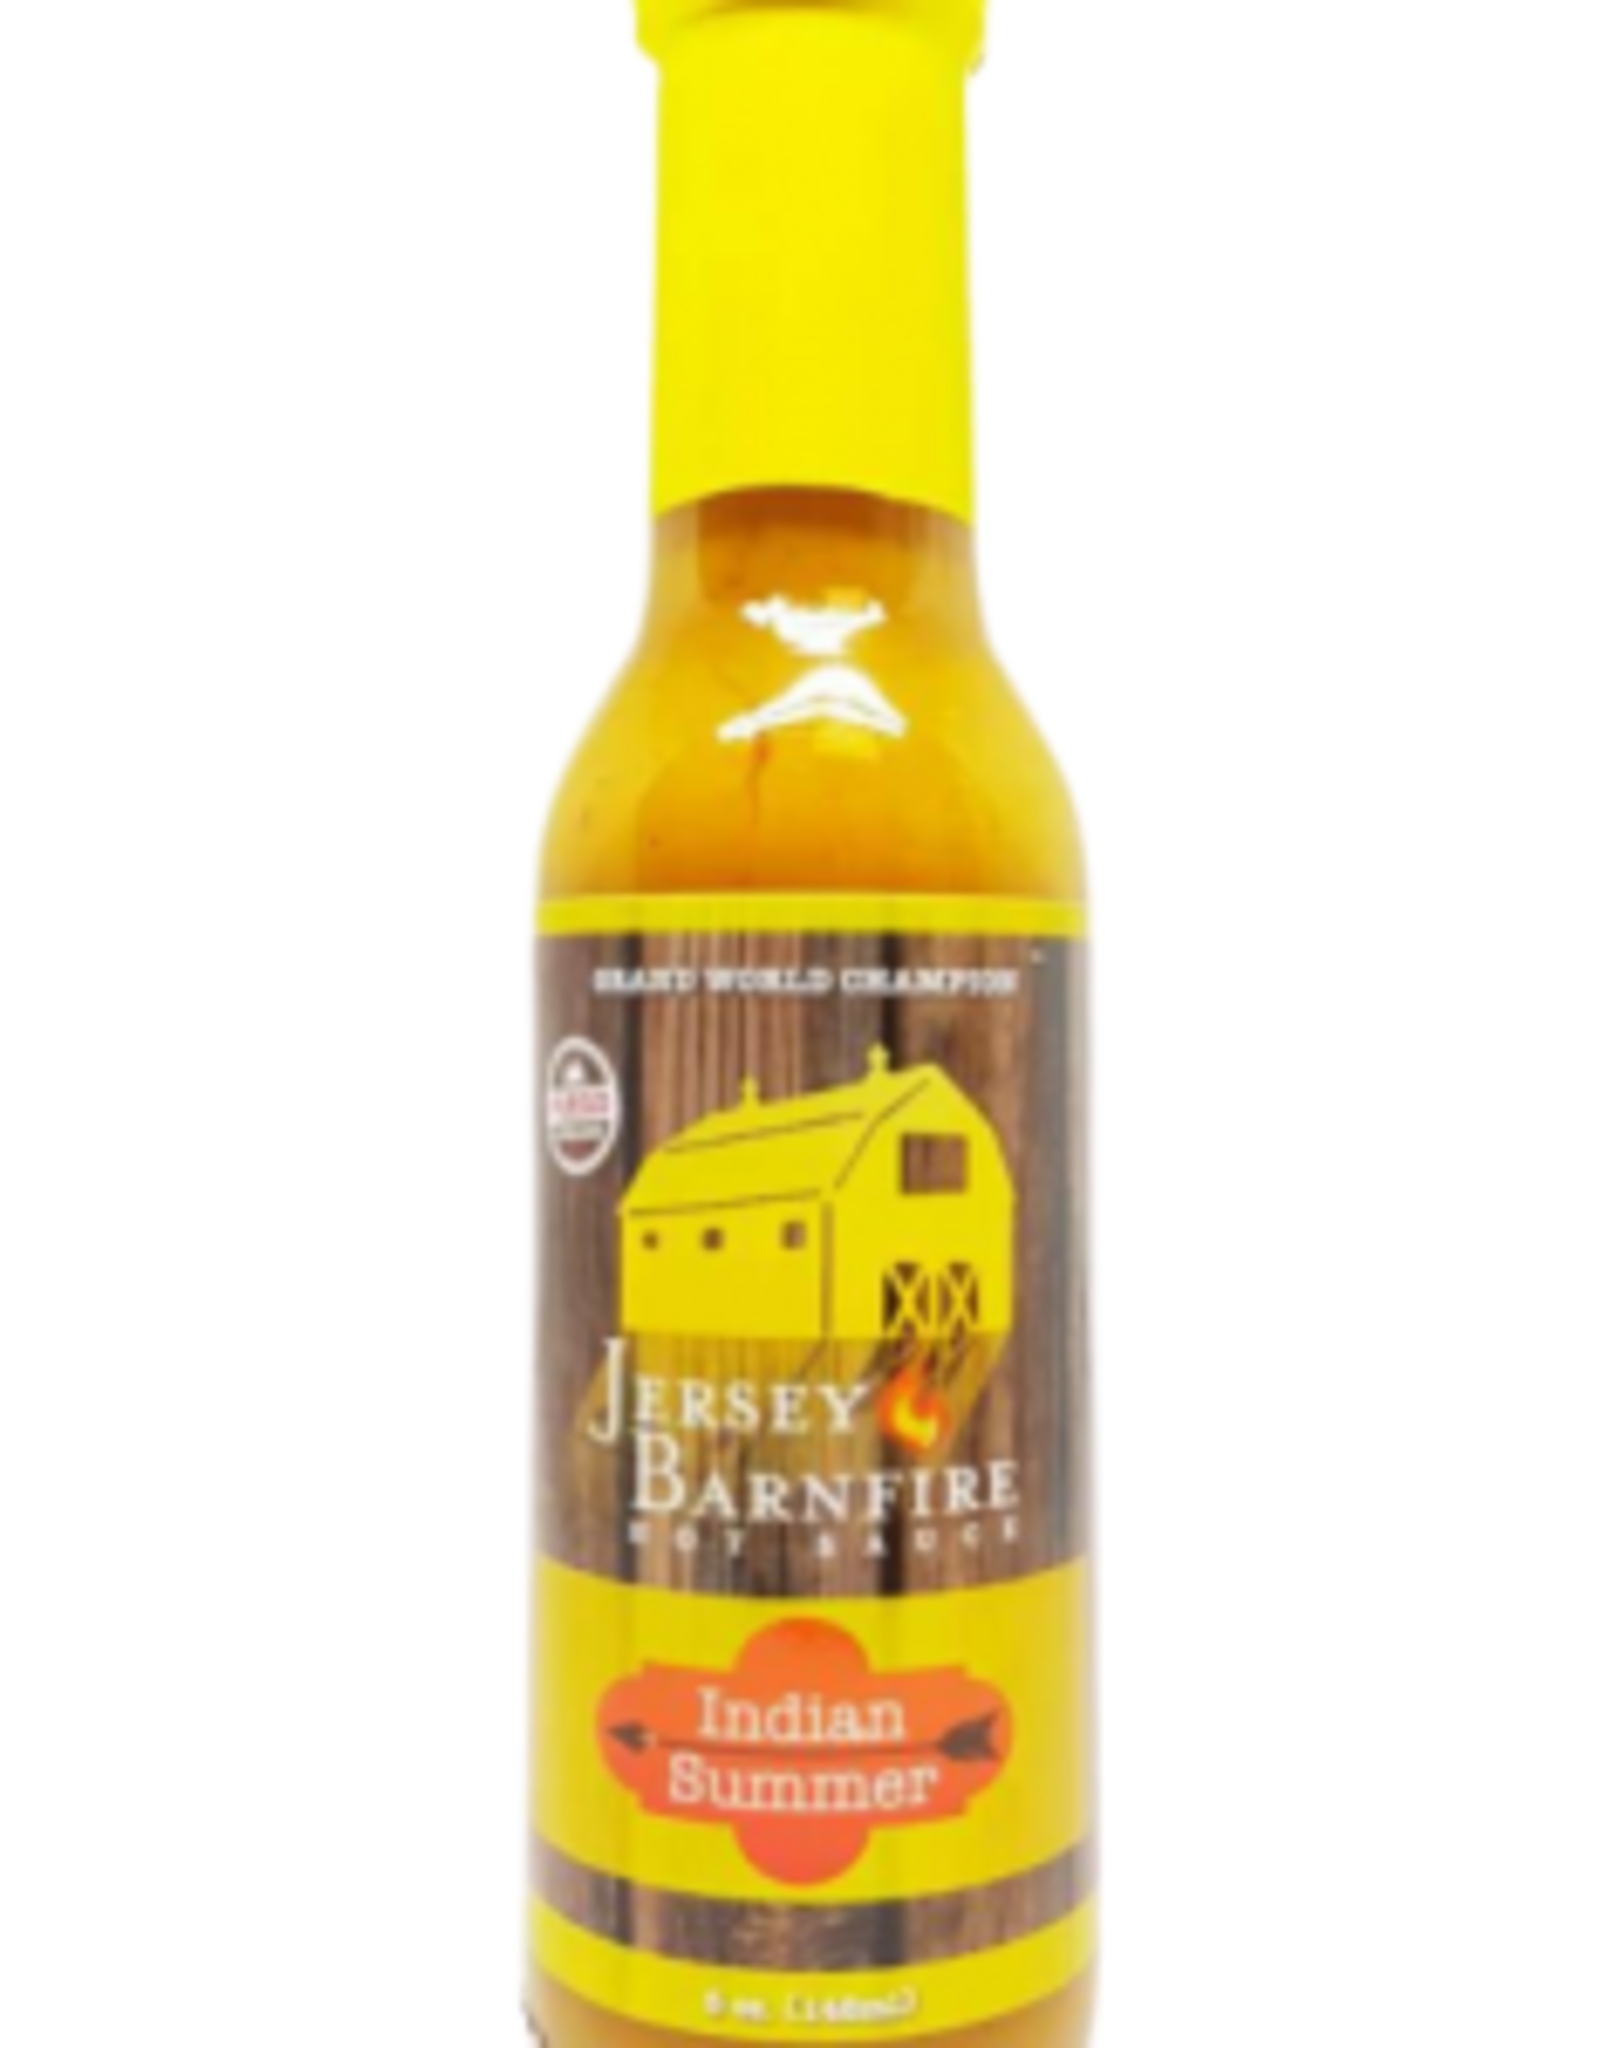 Jersey Barnfire Indian Summer